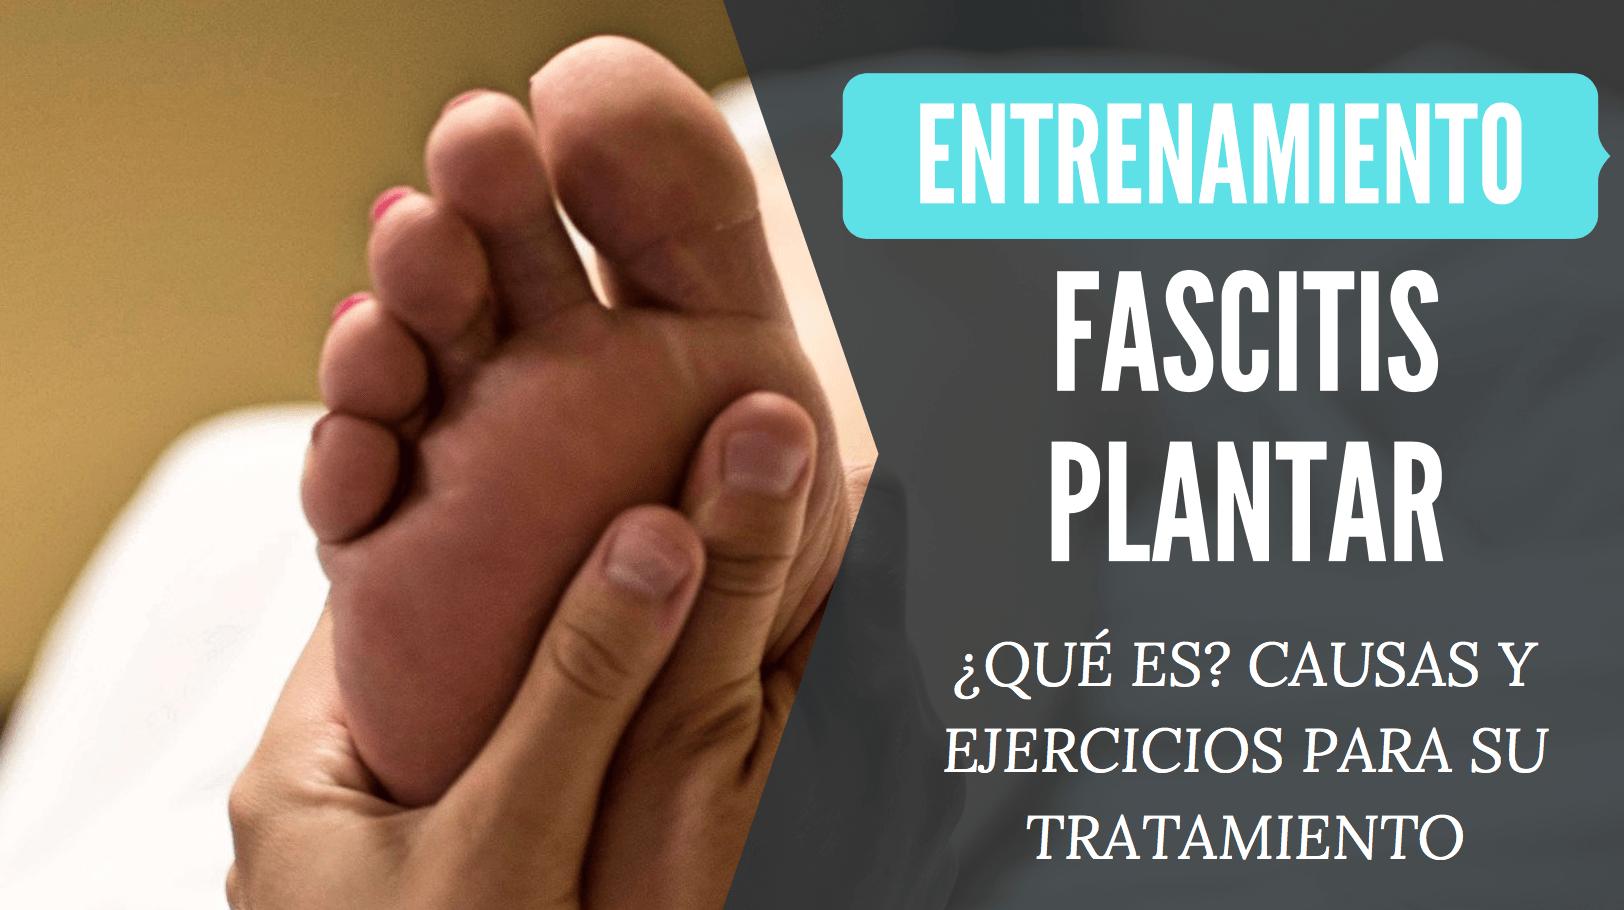 fascitis plantar que es tratamiento ejercicios